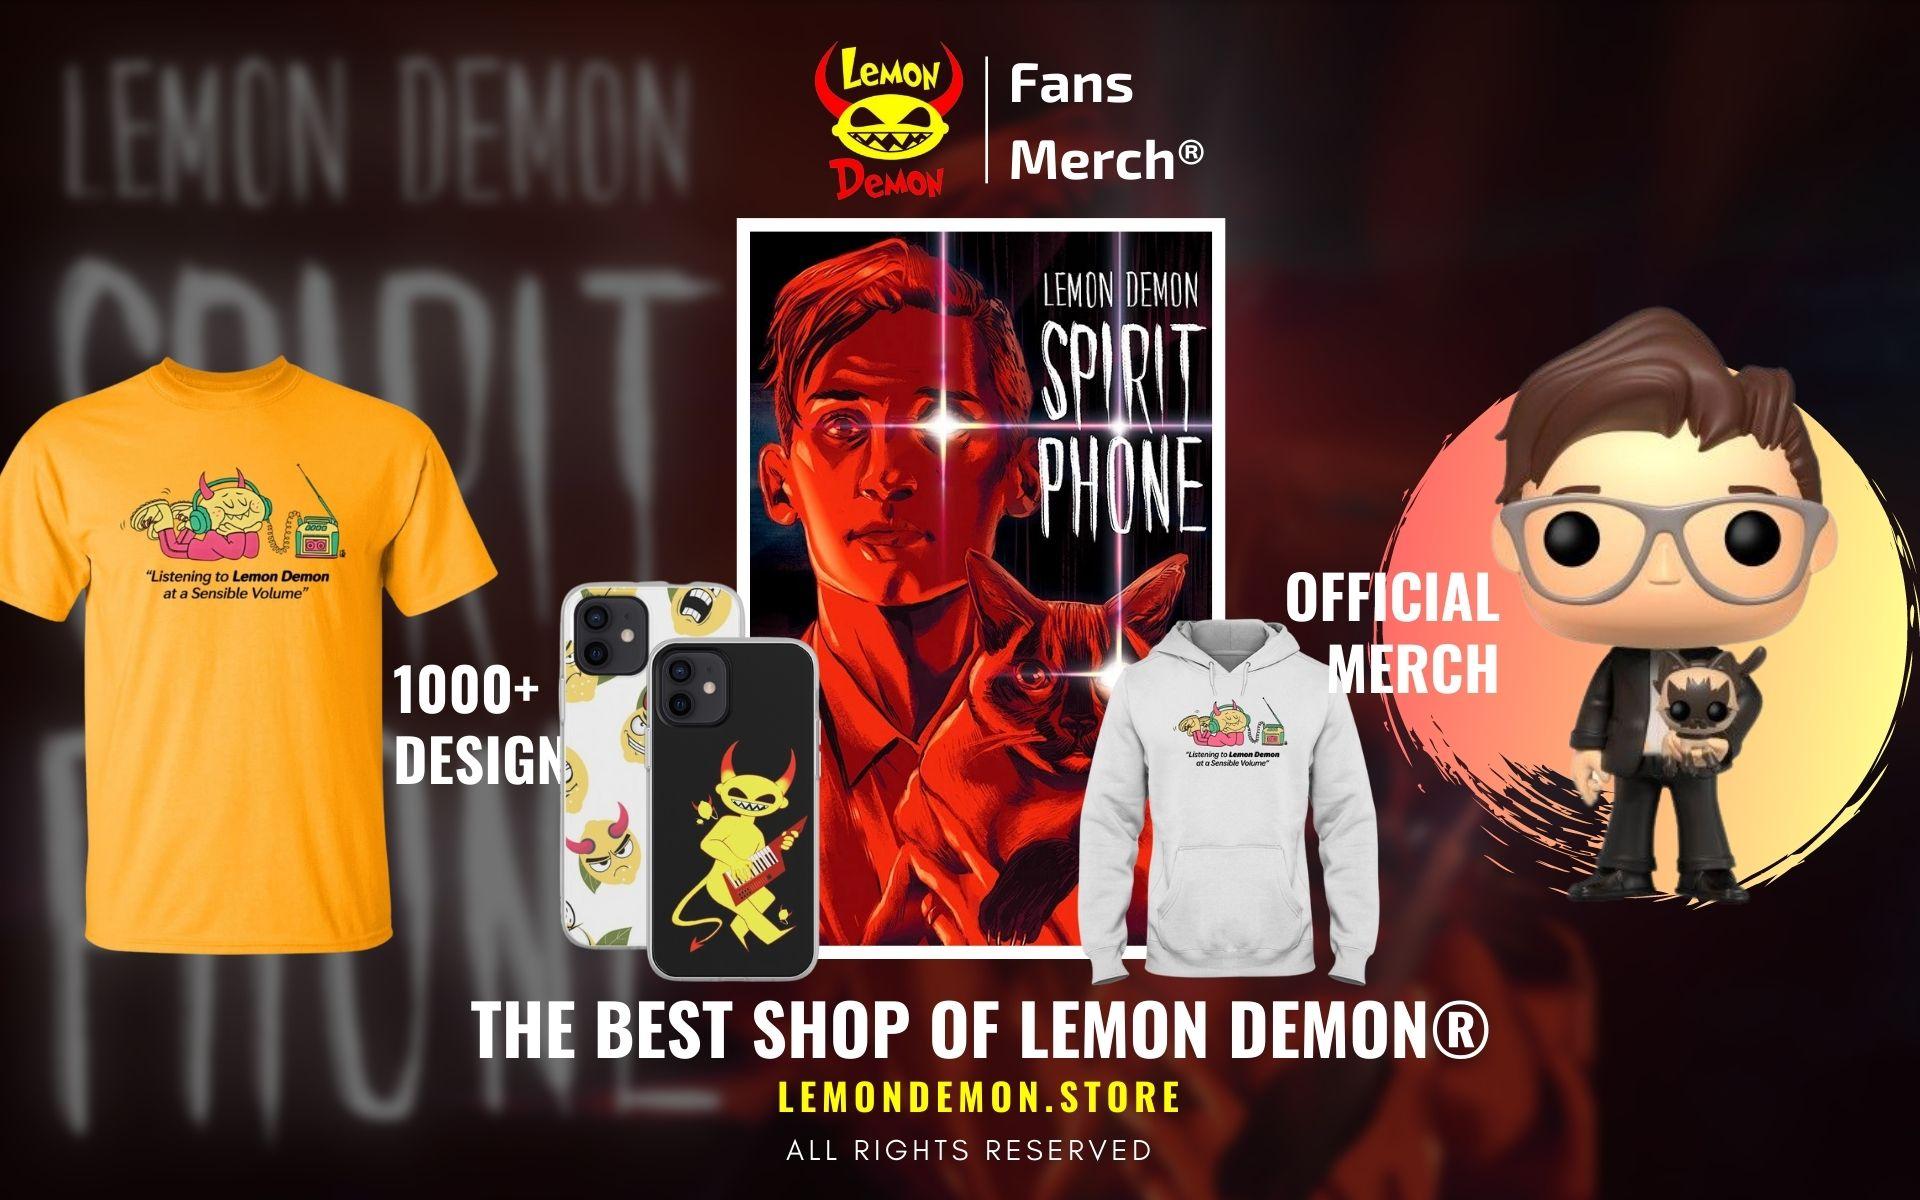 Lemon Demon Merch Web Banner - Lemon Demon Store